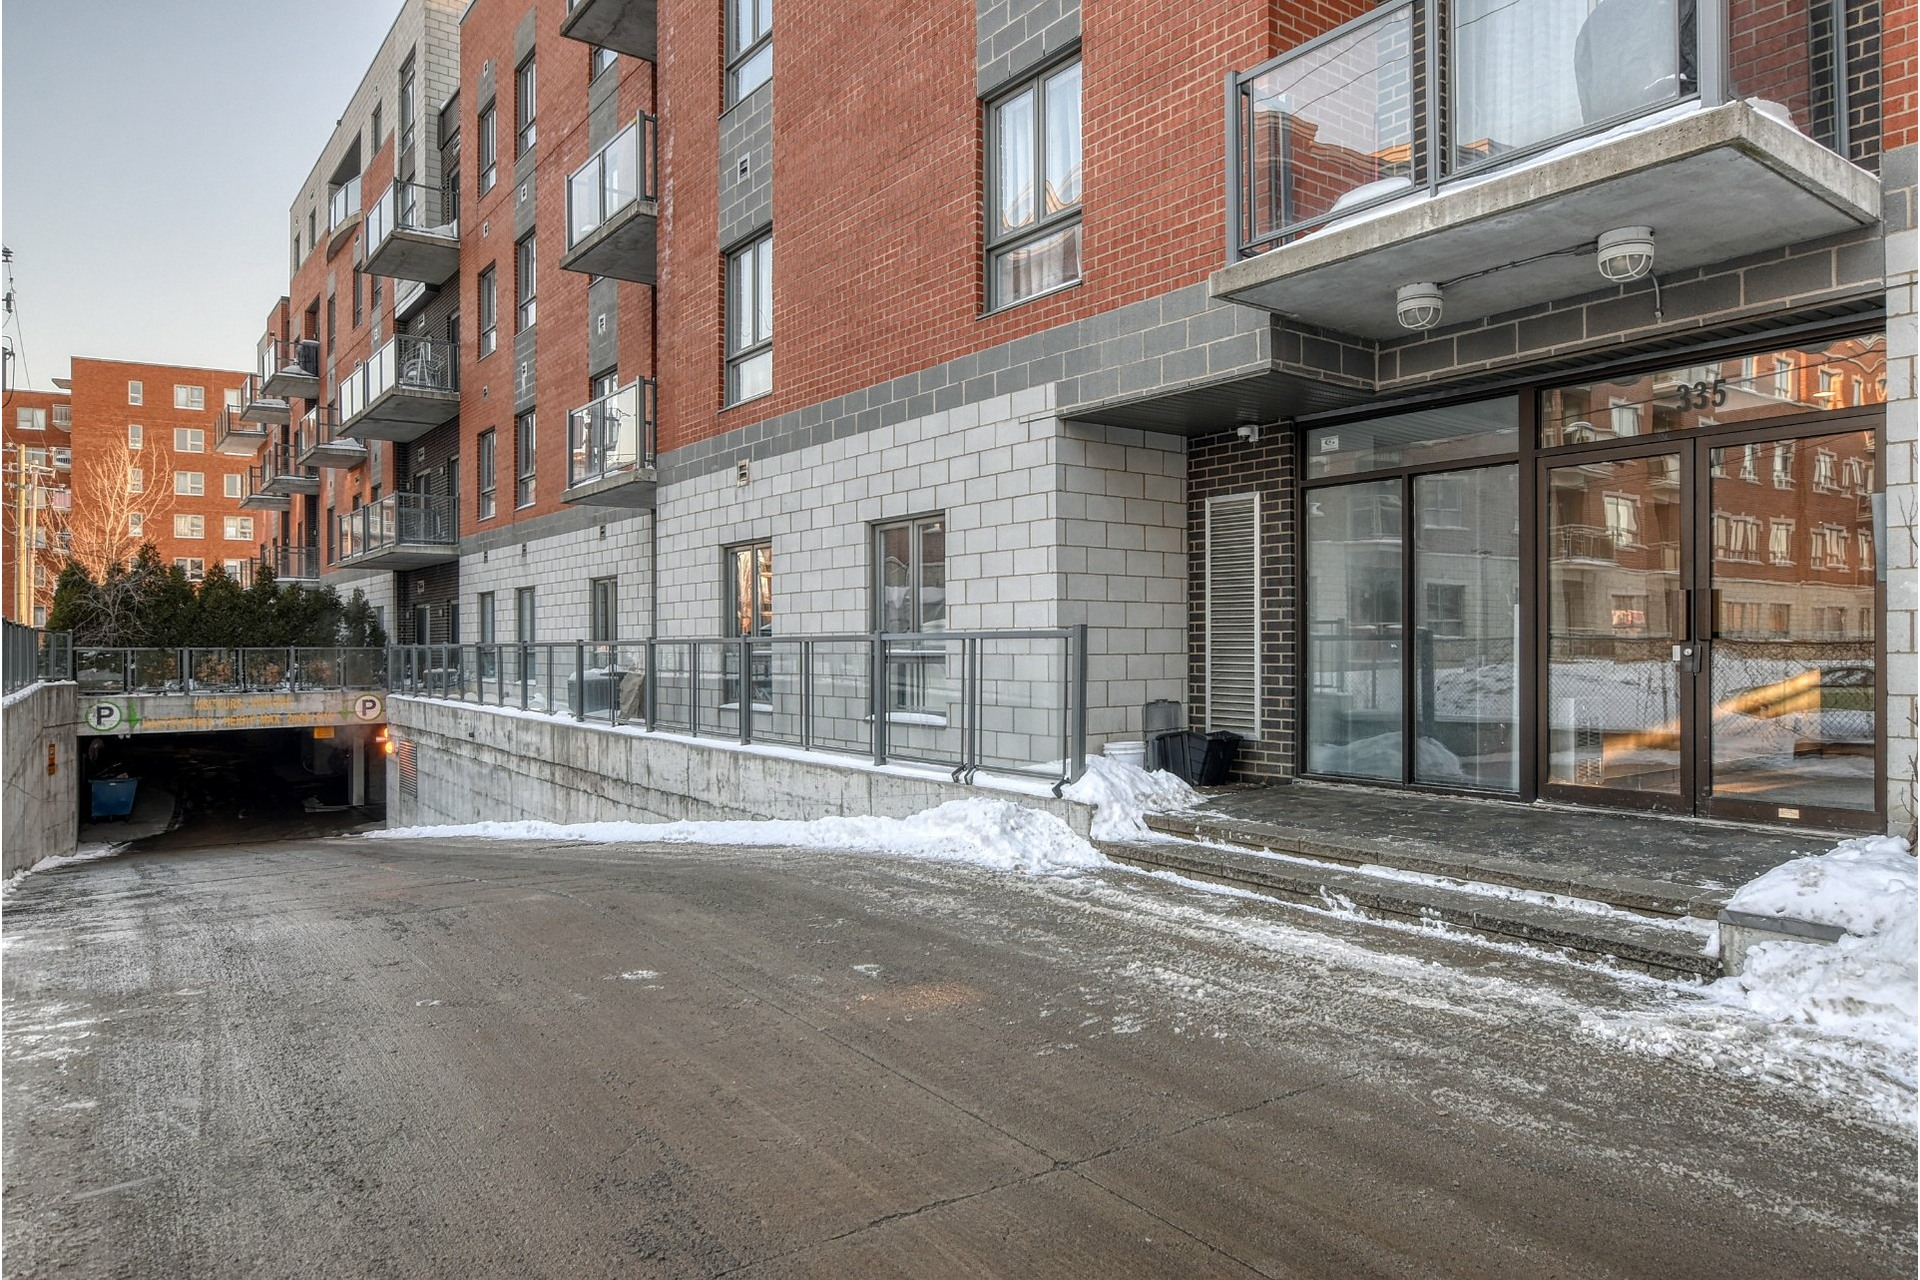 image 23 - Apartment For sale Saint-Laurent Montréal  - 7 rooms